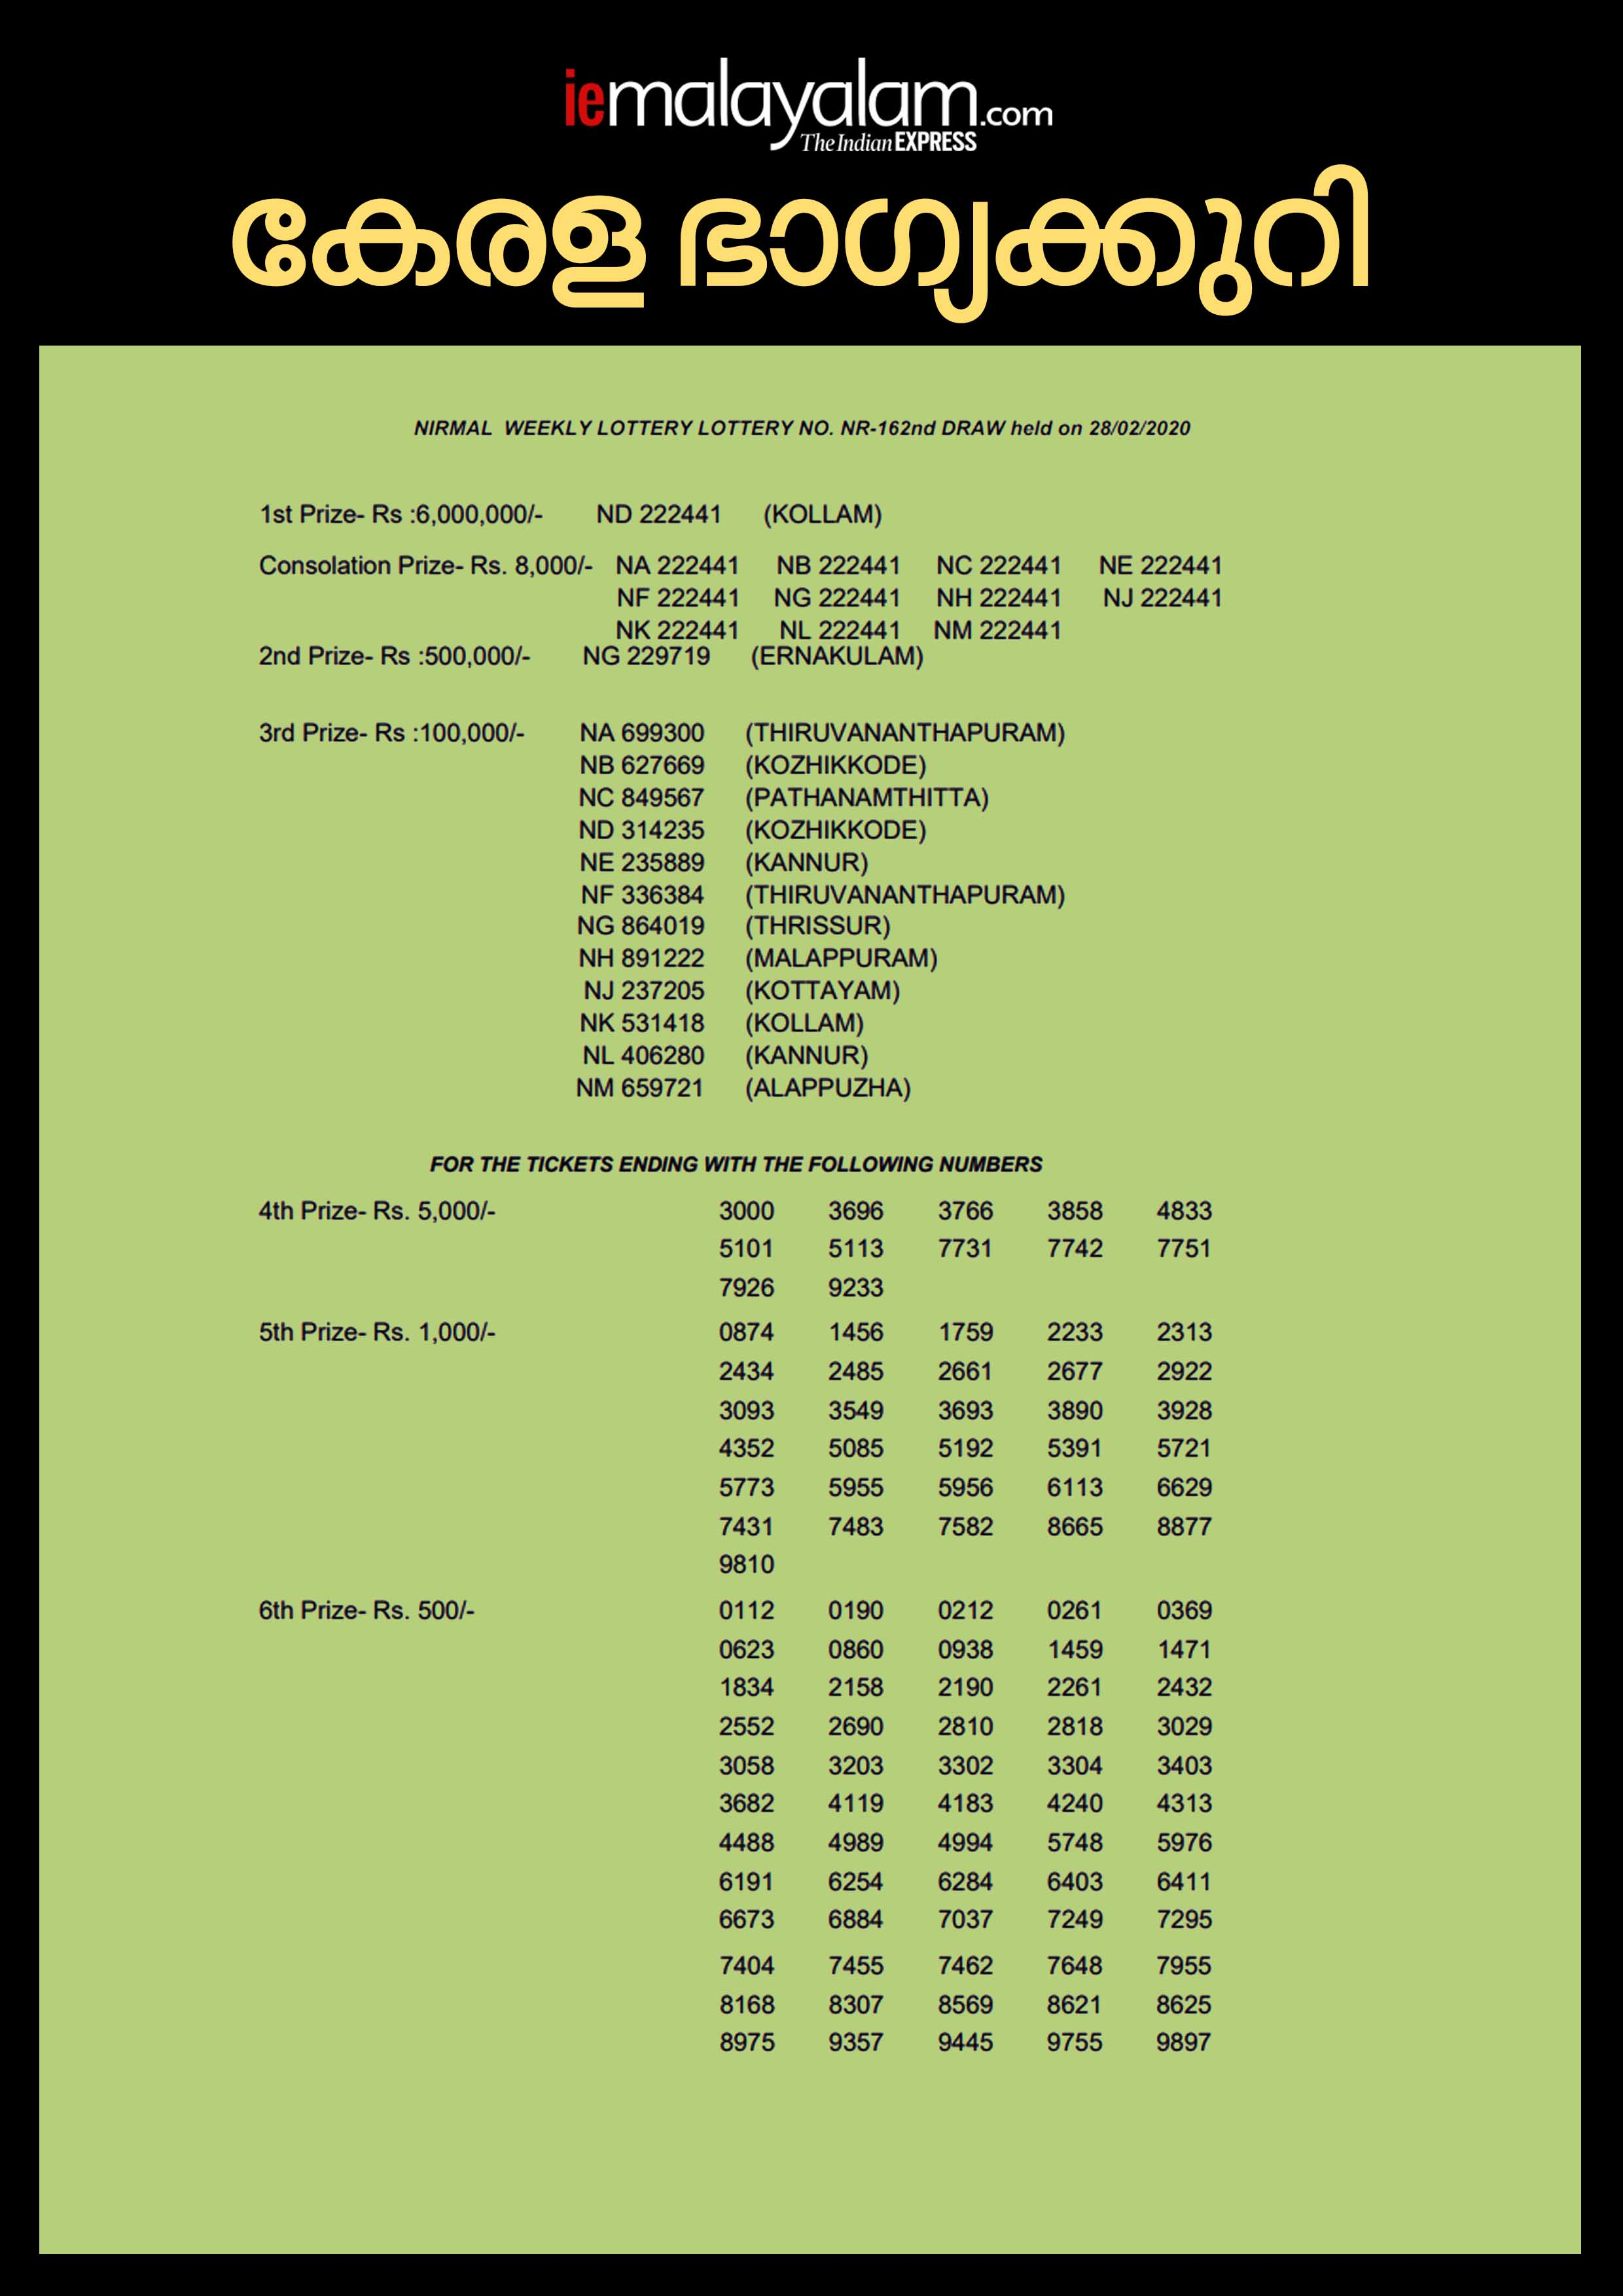 Kerala Nirmal Lottery NR-162 Result, kerala lottery, ie malayalam